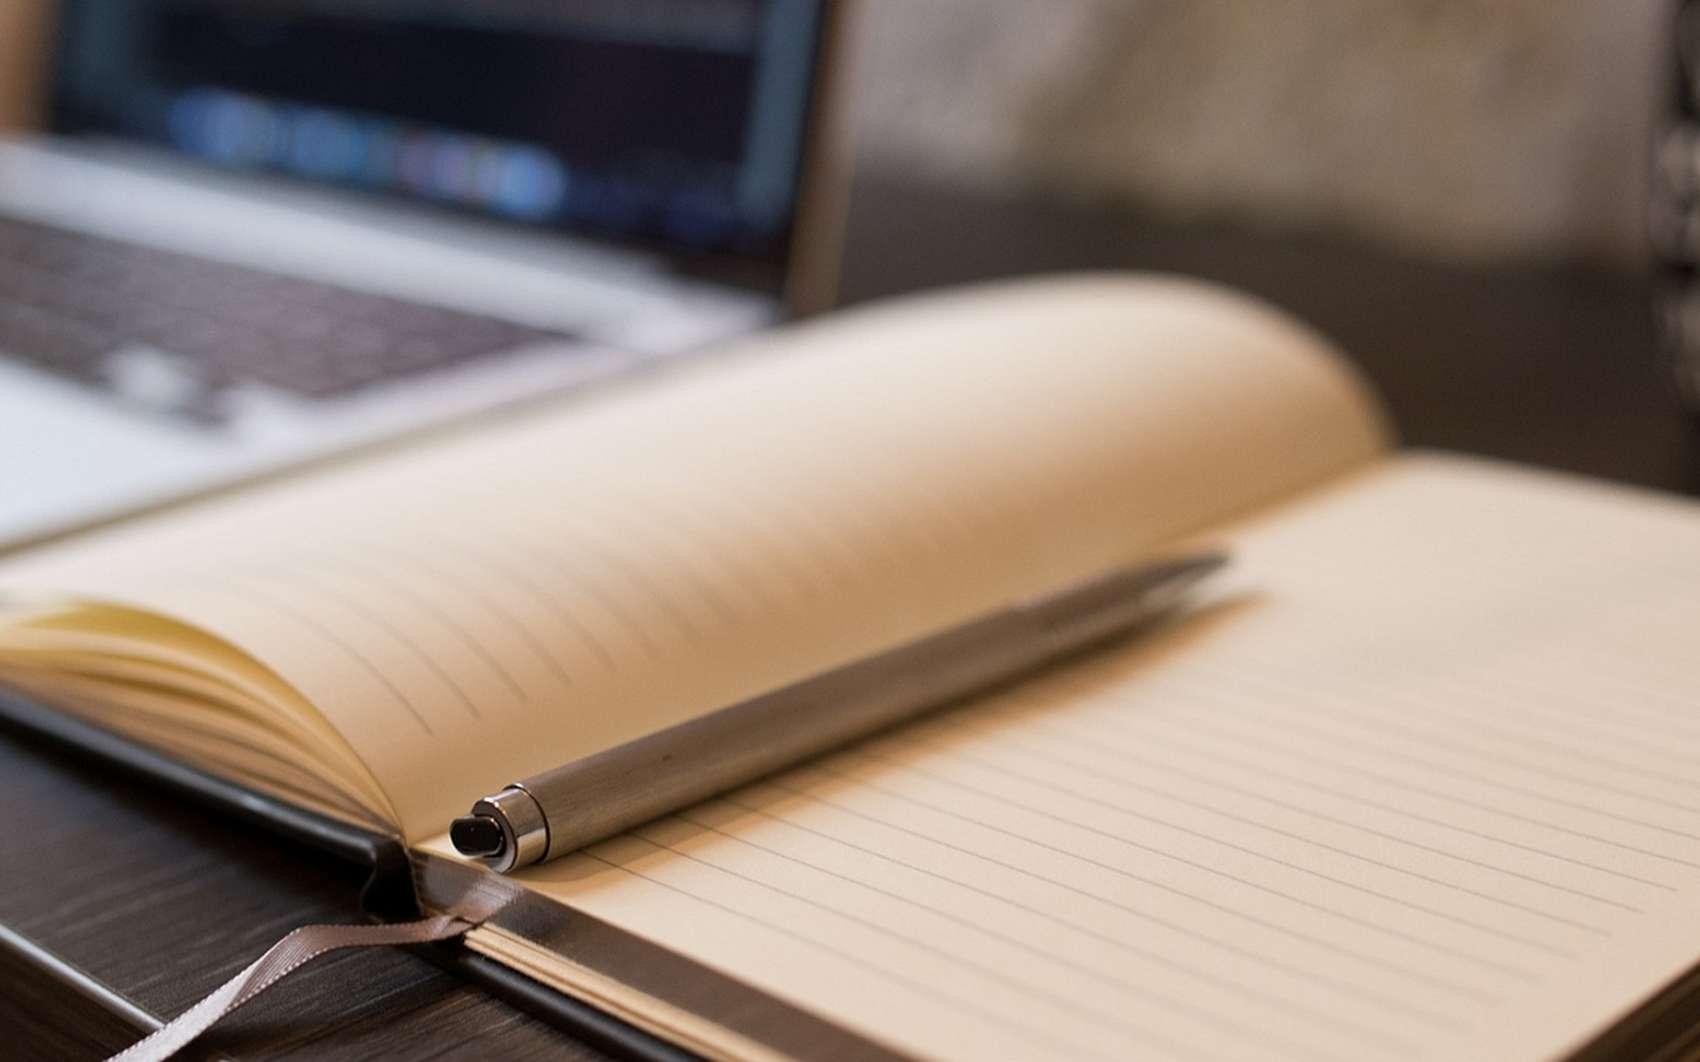 Moins encombrantes et contraignantes qu'un carnet de notes papier, les applications mobiles de prise de notes assurent de toujours avoir à disposition un moyen de saisir des informations importantes. © Pixabay.com